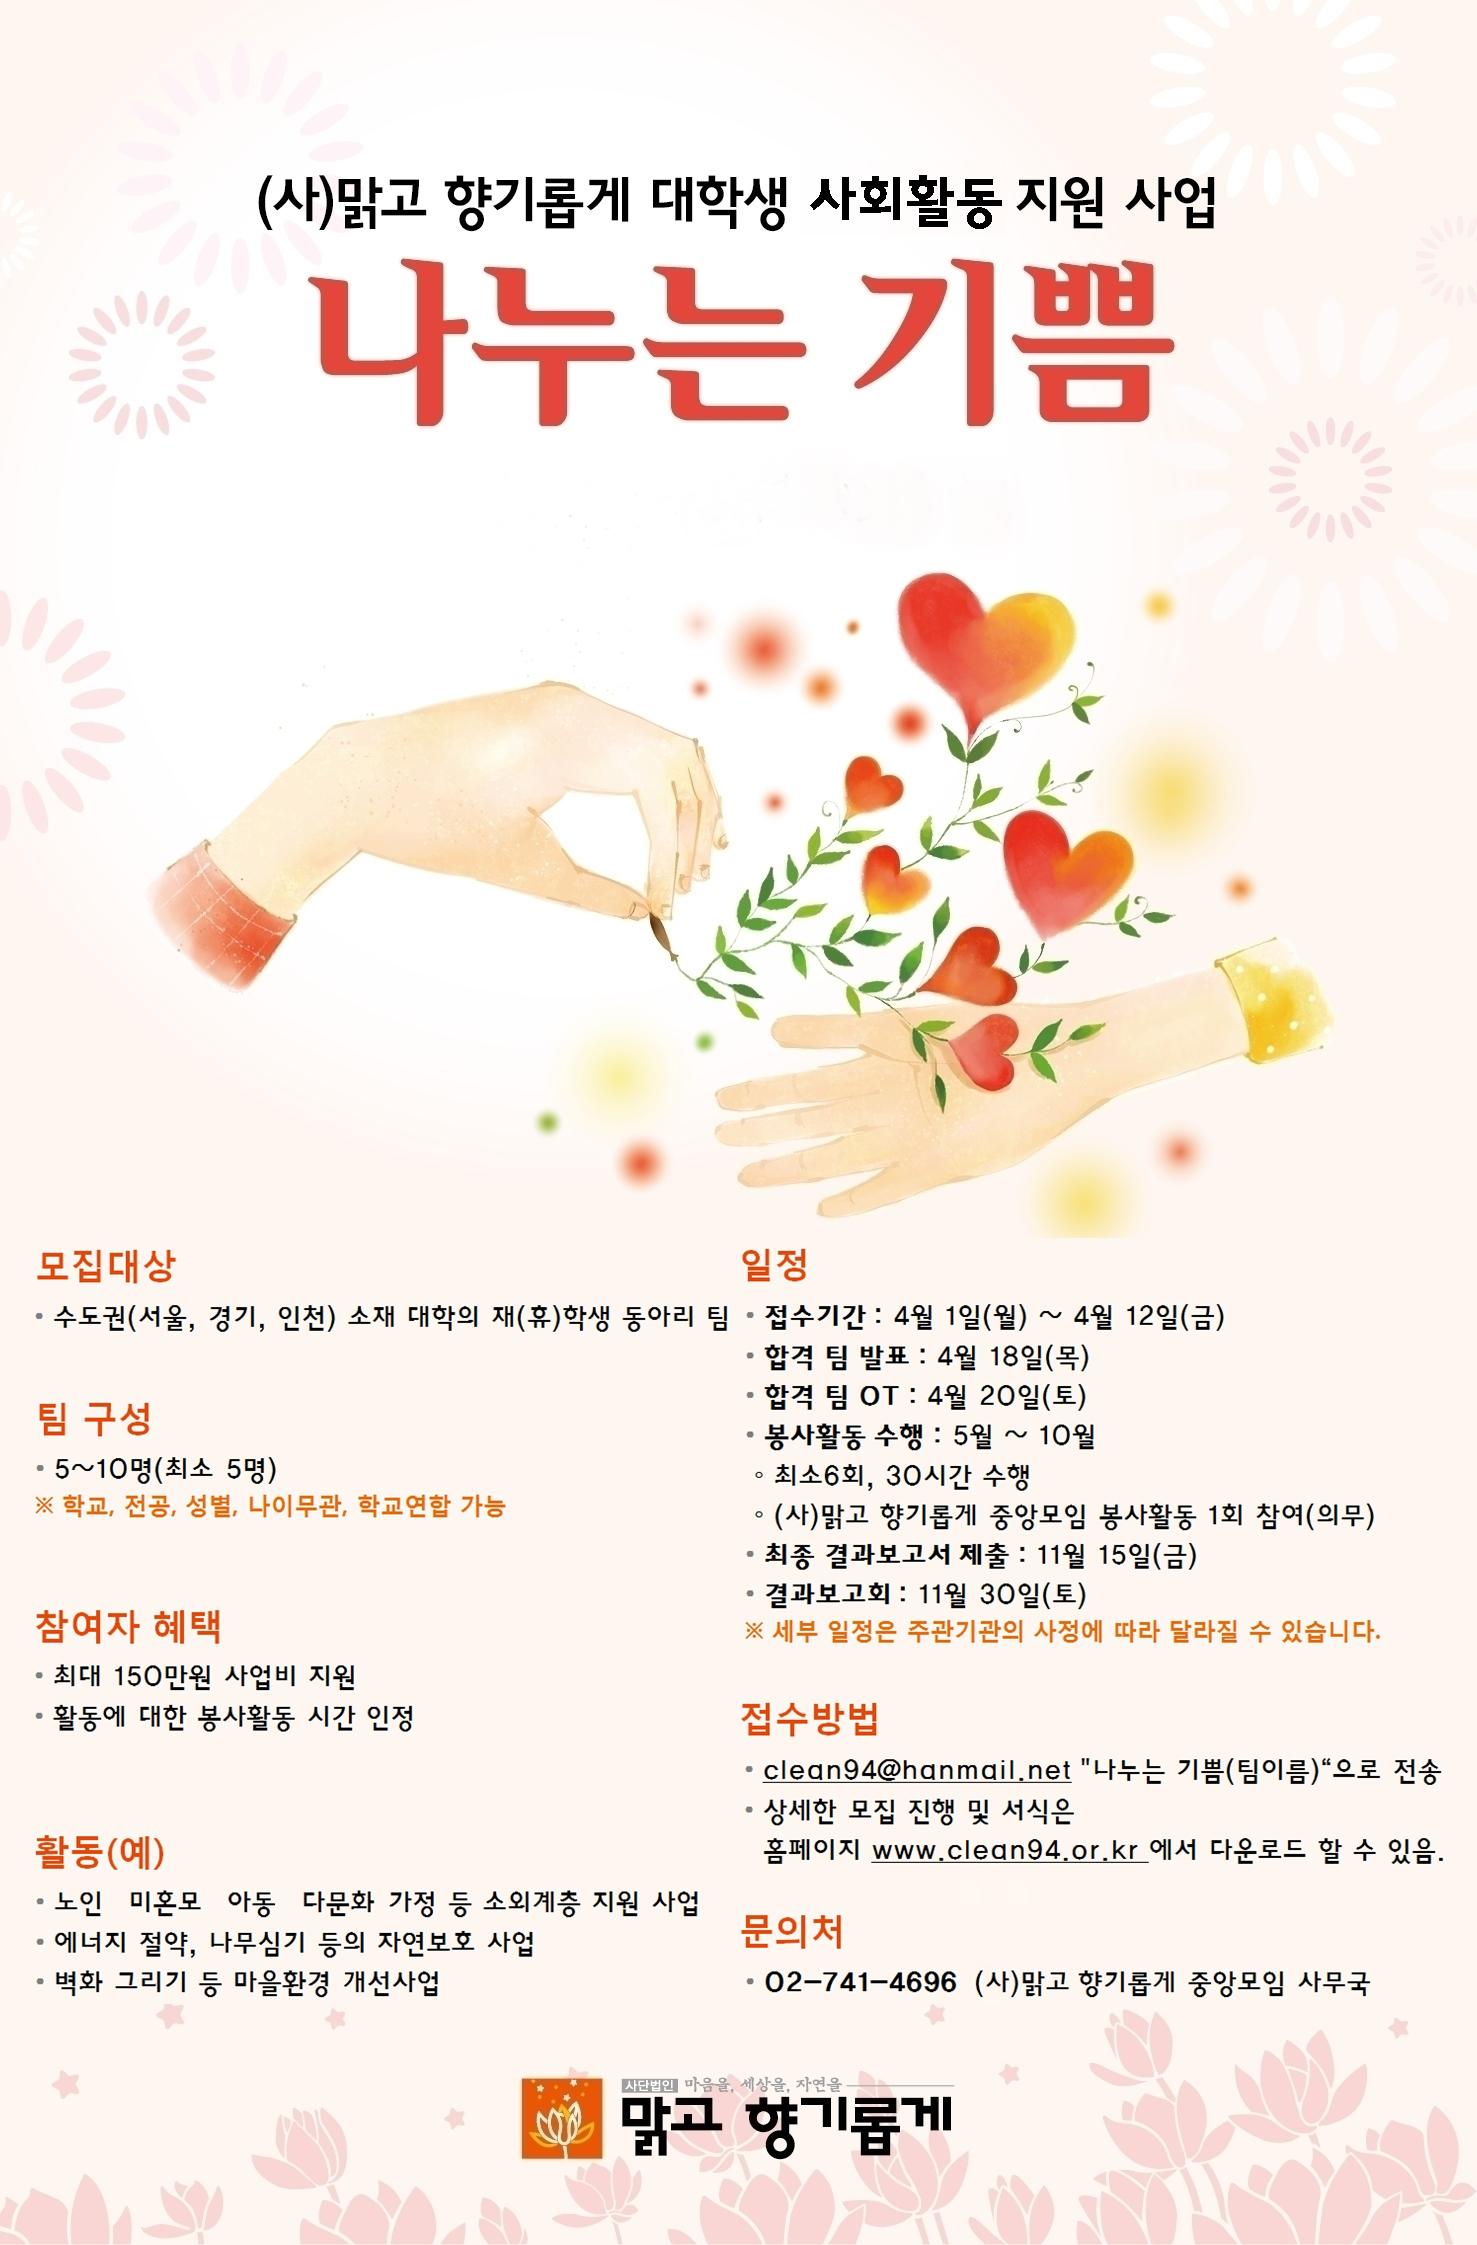 """(사)맑고 향기롭게 대학생 사회활동 지원 사업 """"나누는 기쁨"""""""